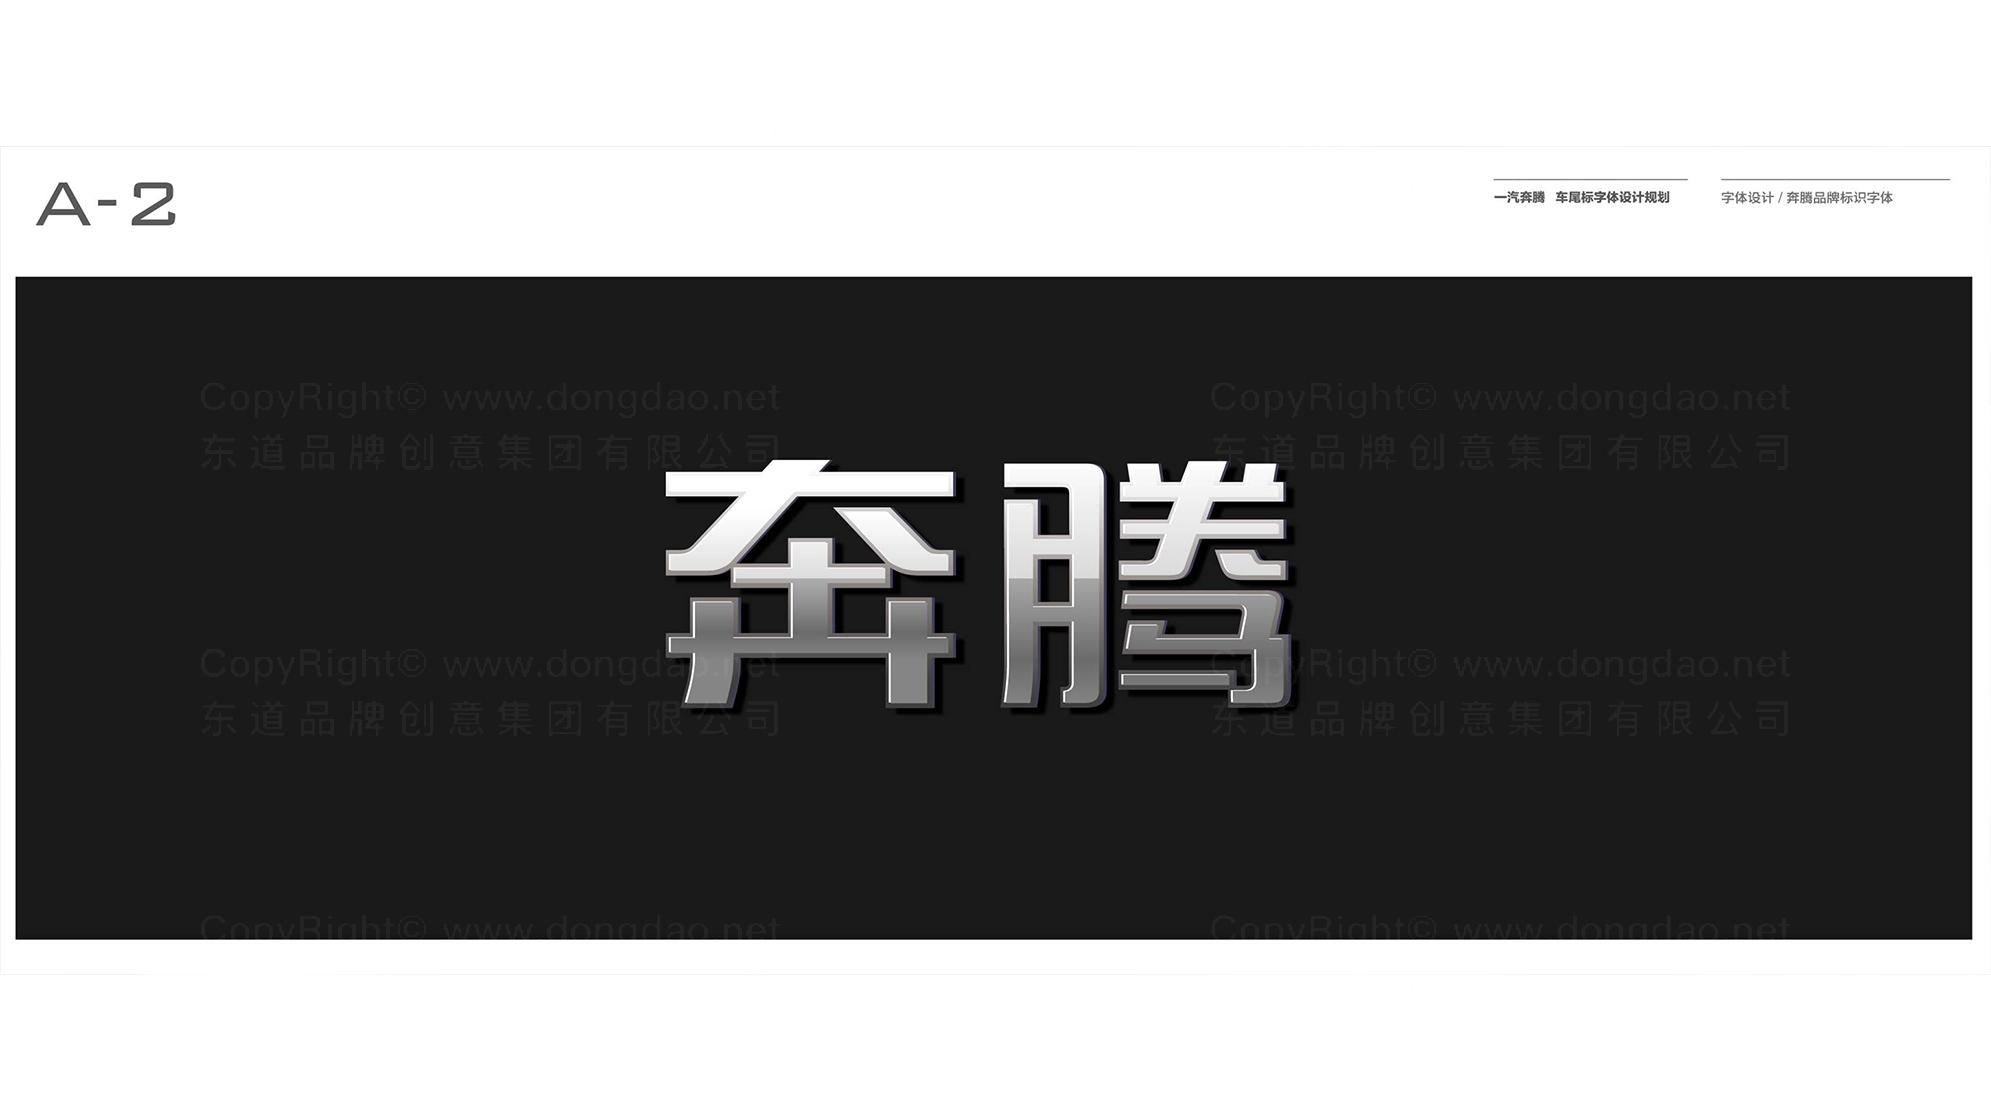 品牌设计一汽LOGO设计应用场景_4